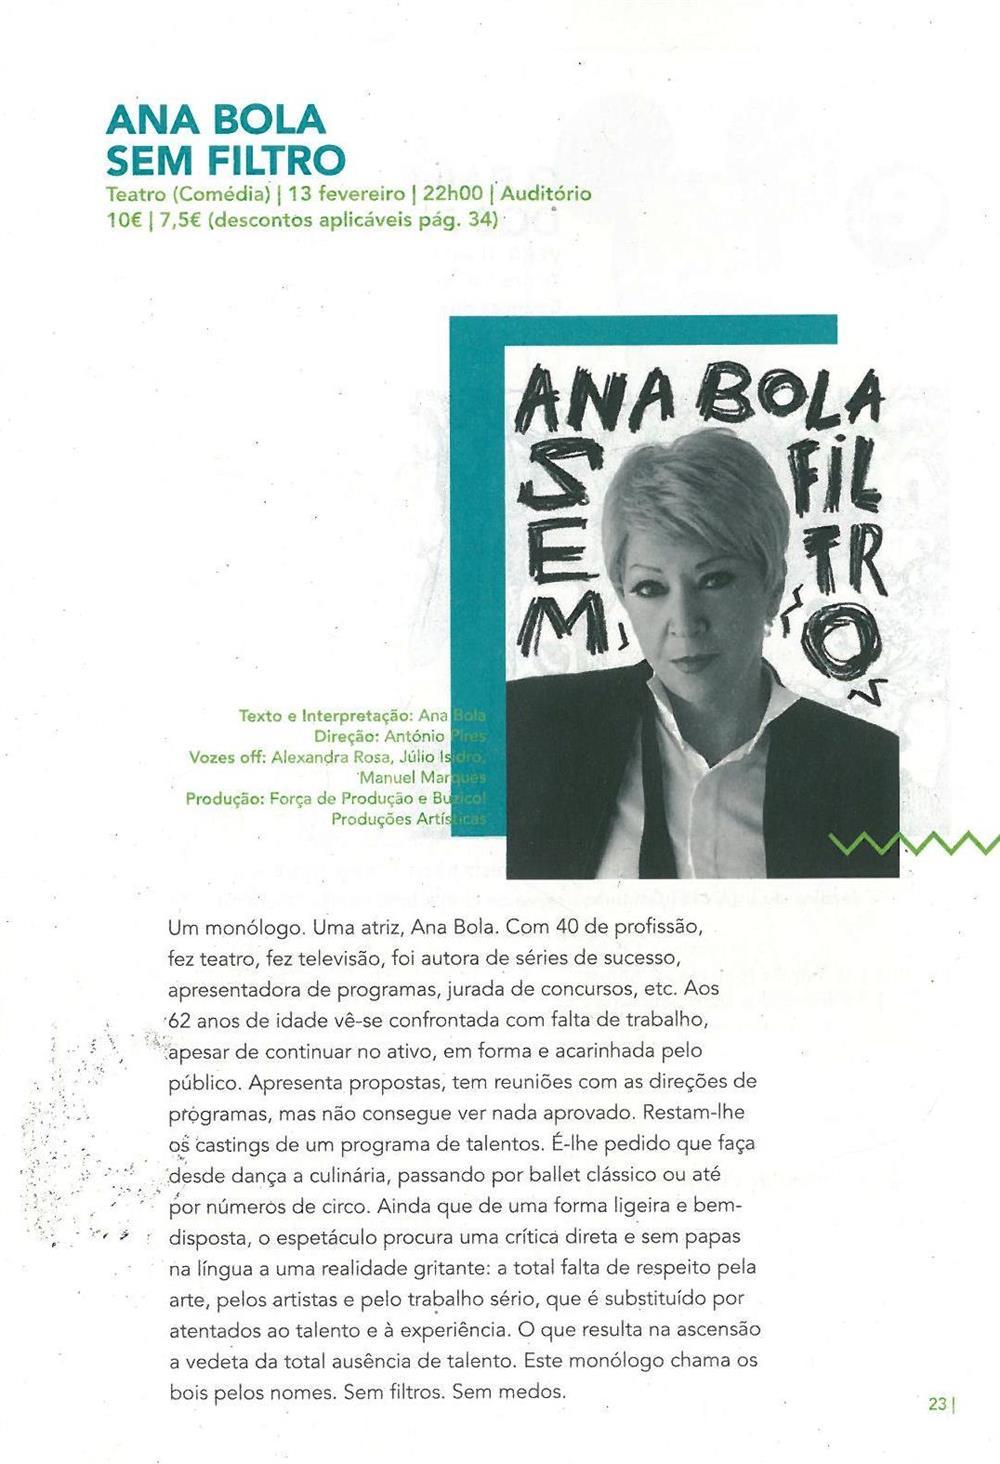 ACMSV-jan.,fev.,mar.'16-p.23-Ana Bola sem filtro.jpg